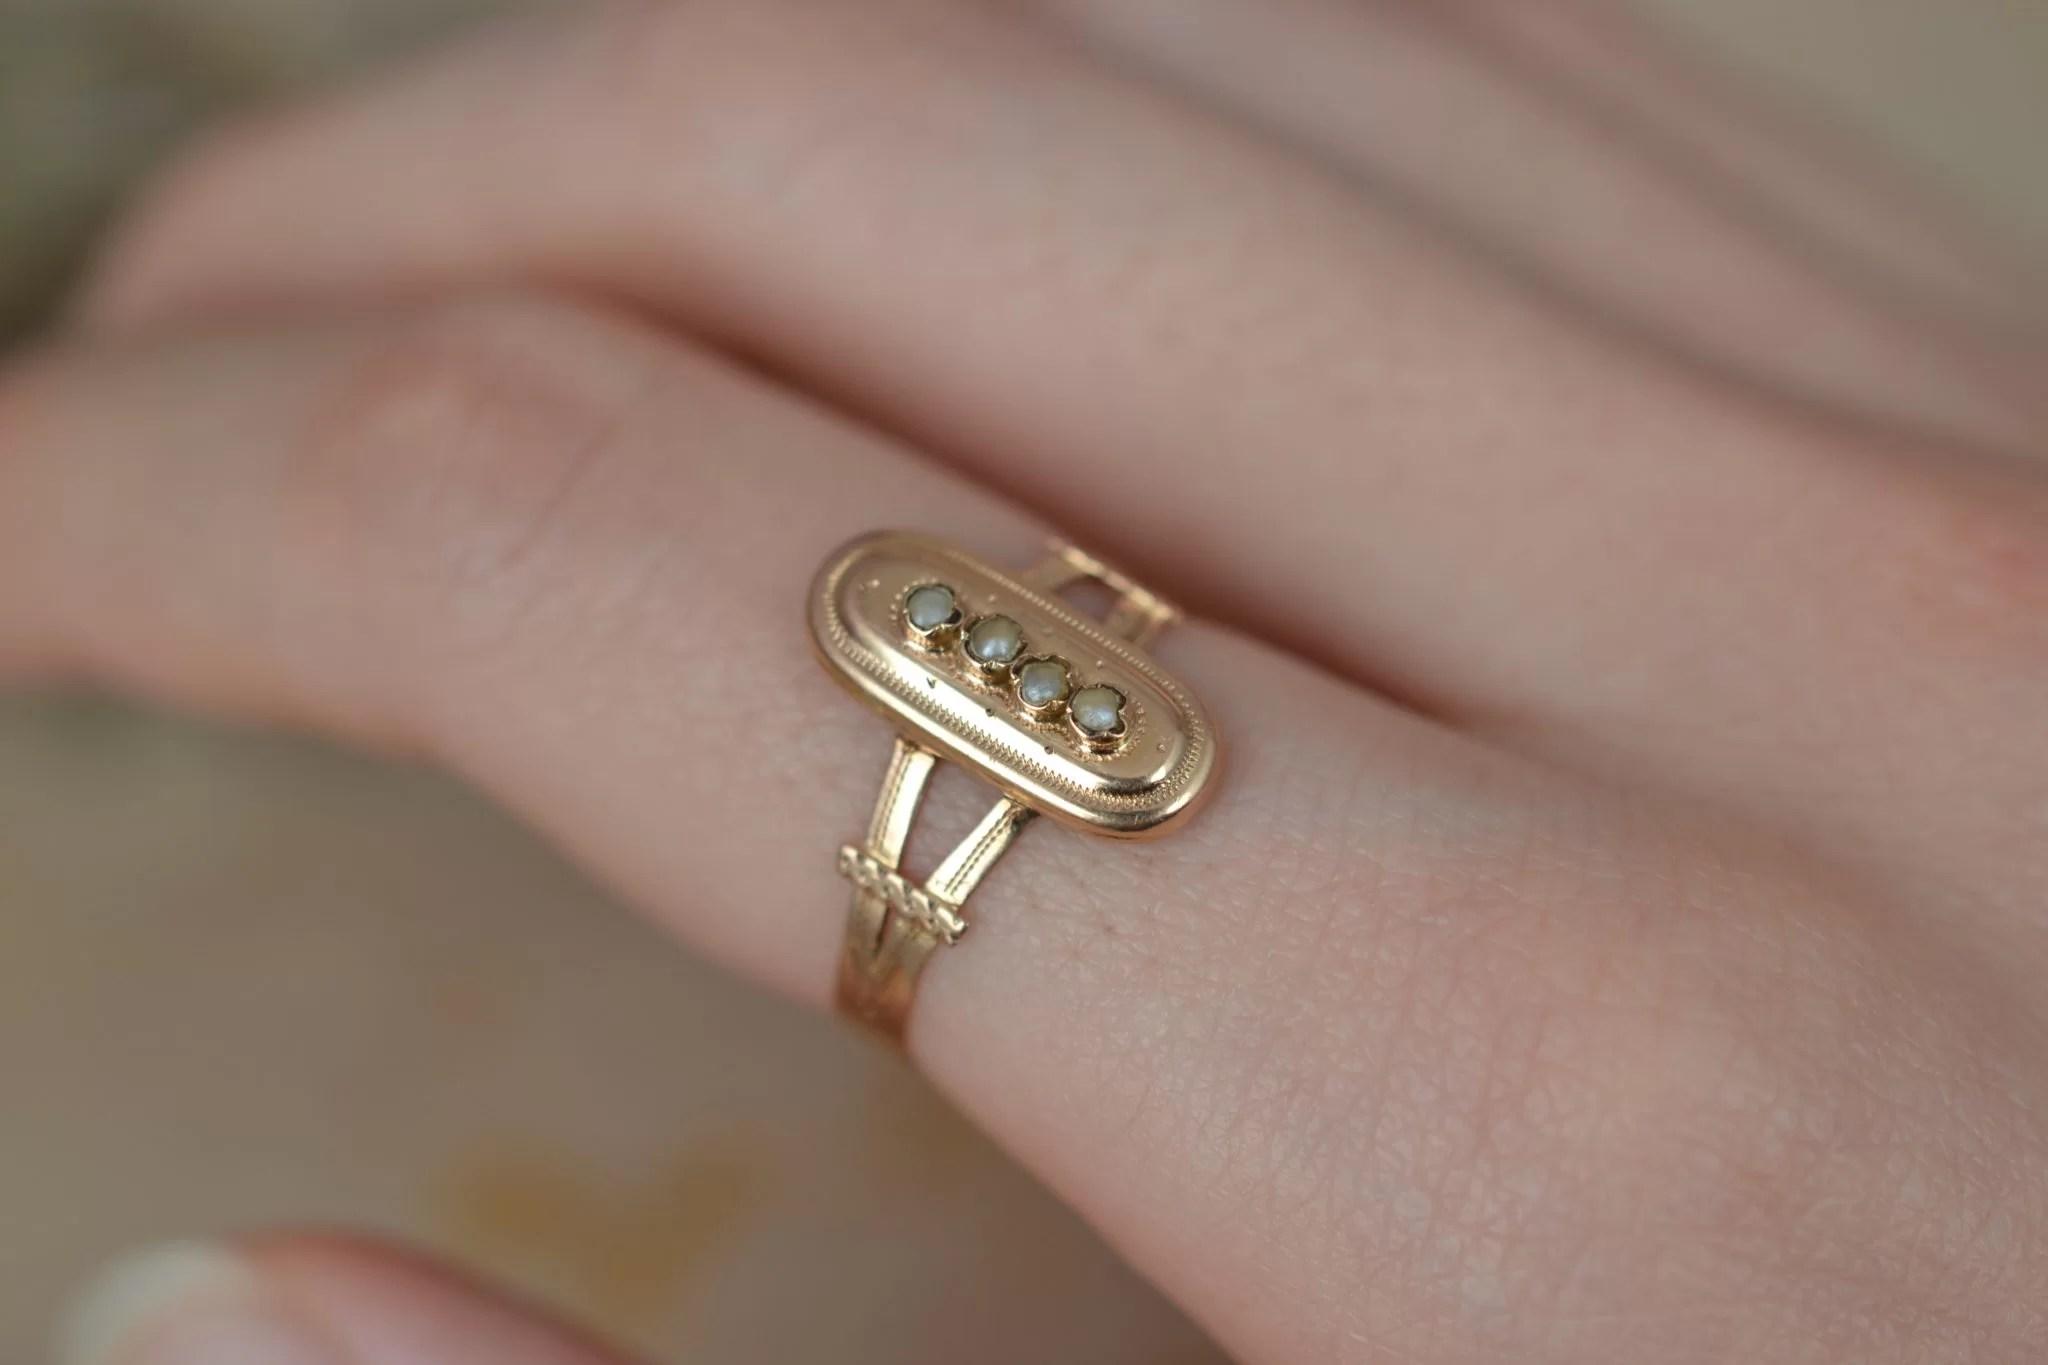 Bague en Or jaune sertie de petites perles sur un motif oblong, datant du XIXème siècle - bague de seconde main